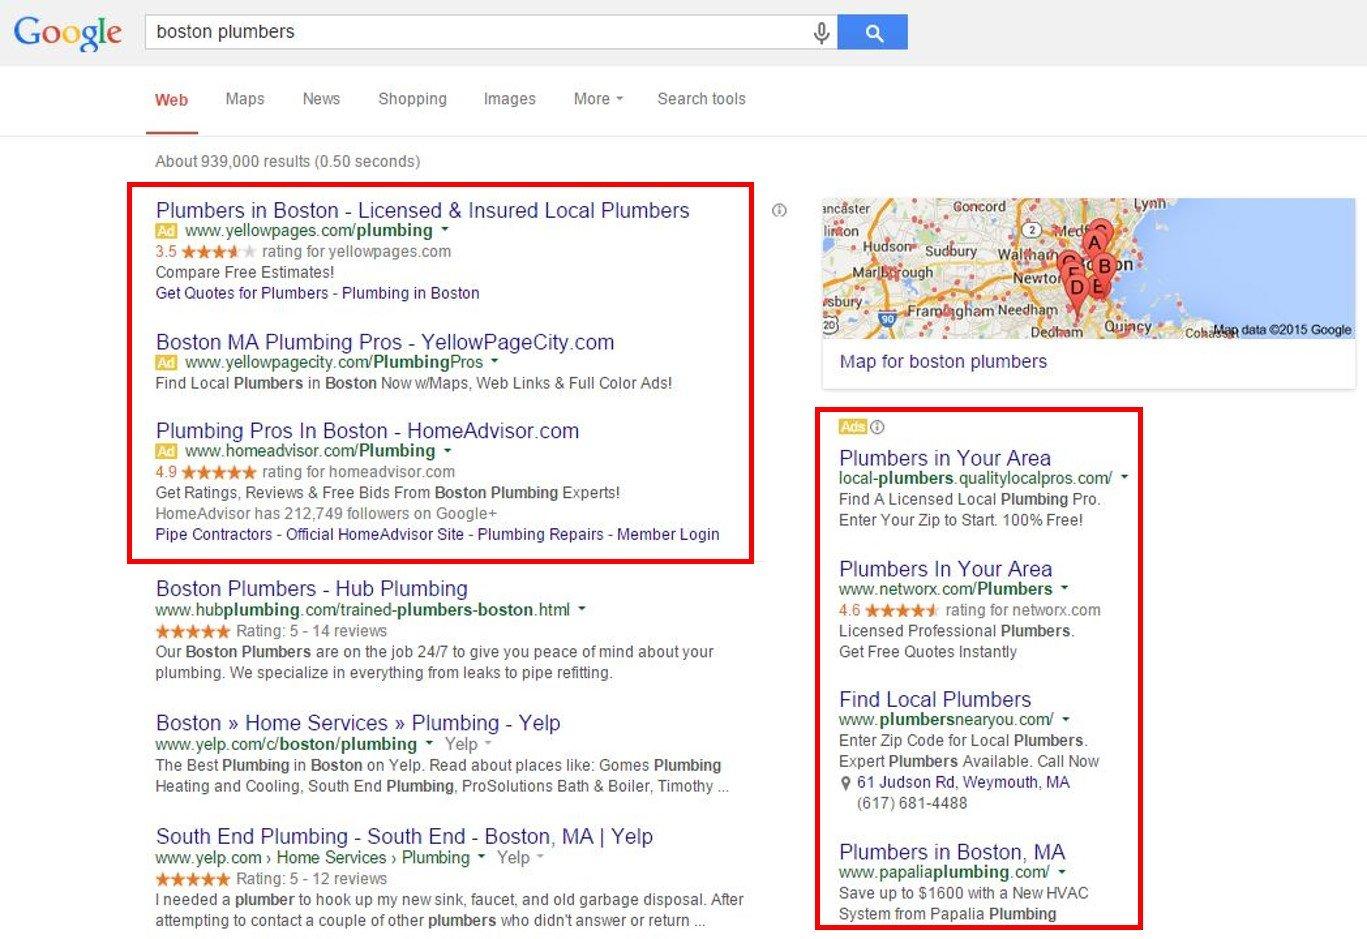 波士頓管道工Google AdWords搜索引擎結果